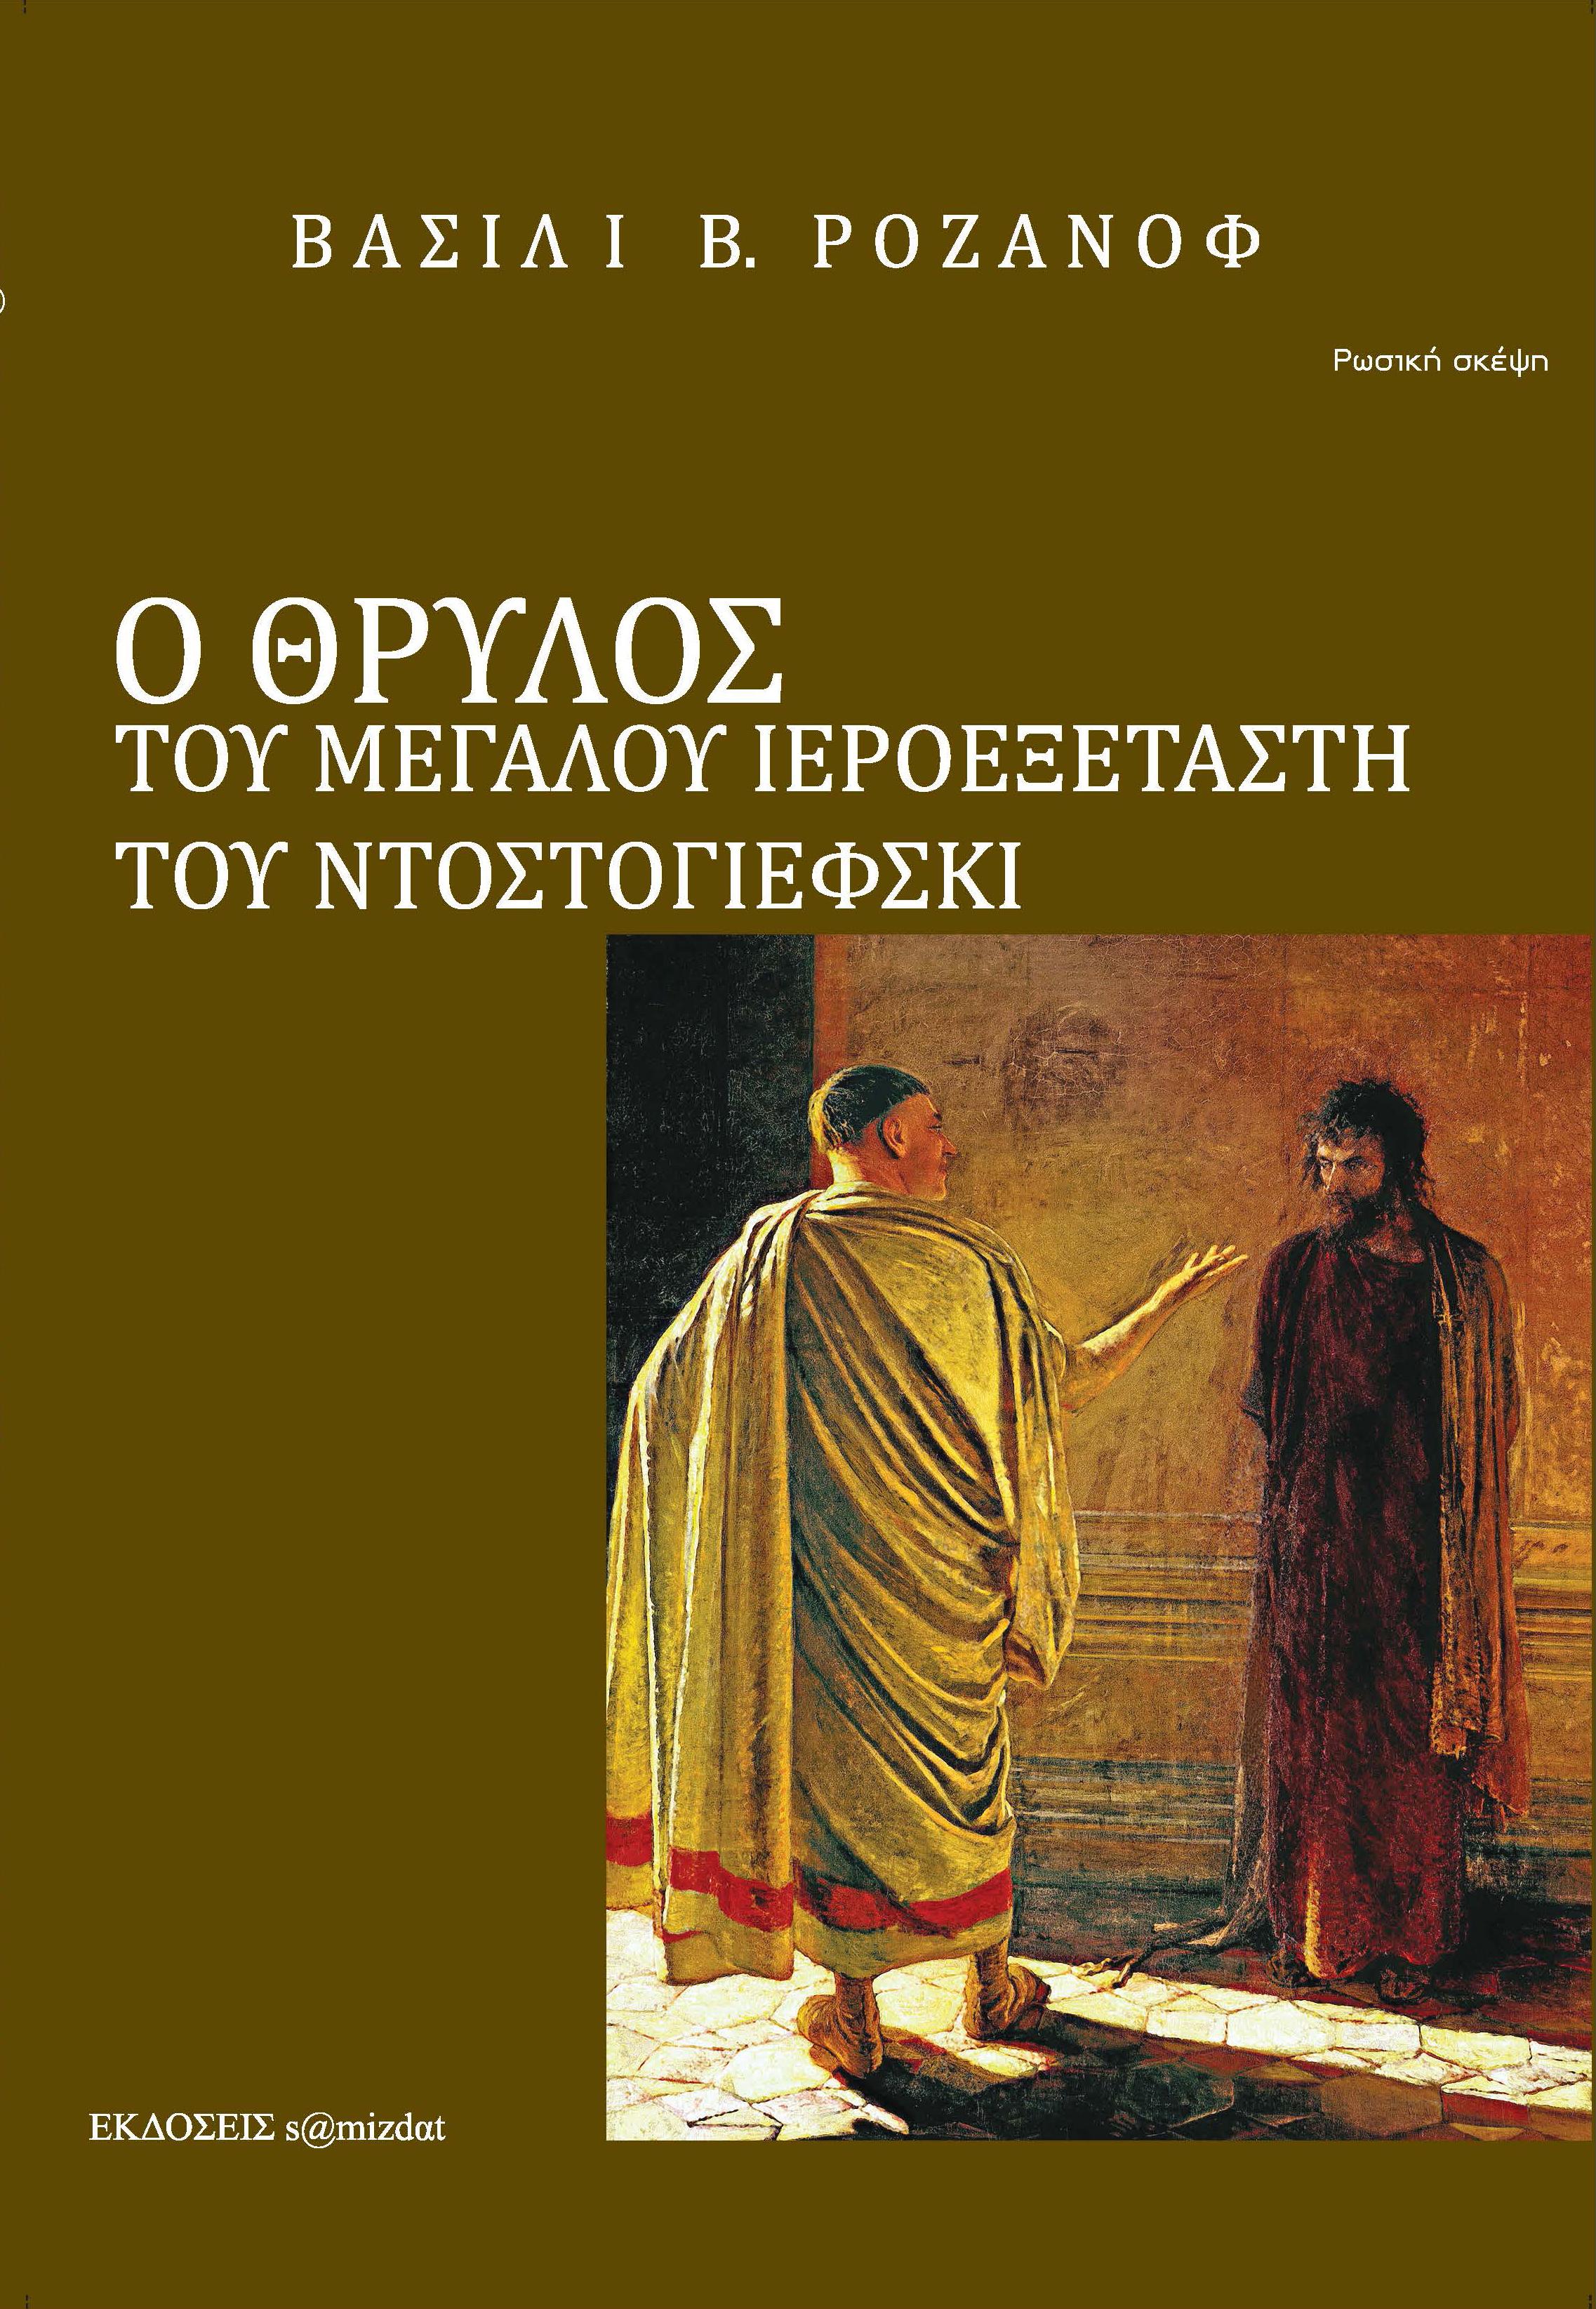 Βασίλι Ροζάνοφ Ο θρύλος του Μεγάλου Ιεροεξεταστή του Φ. Μ. Ντοστογιέφσκι